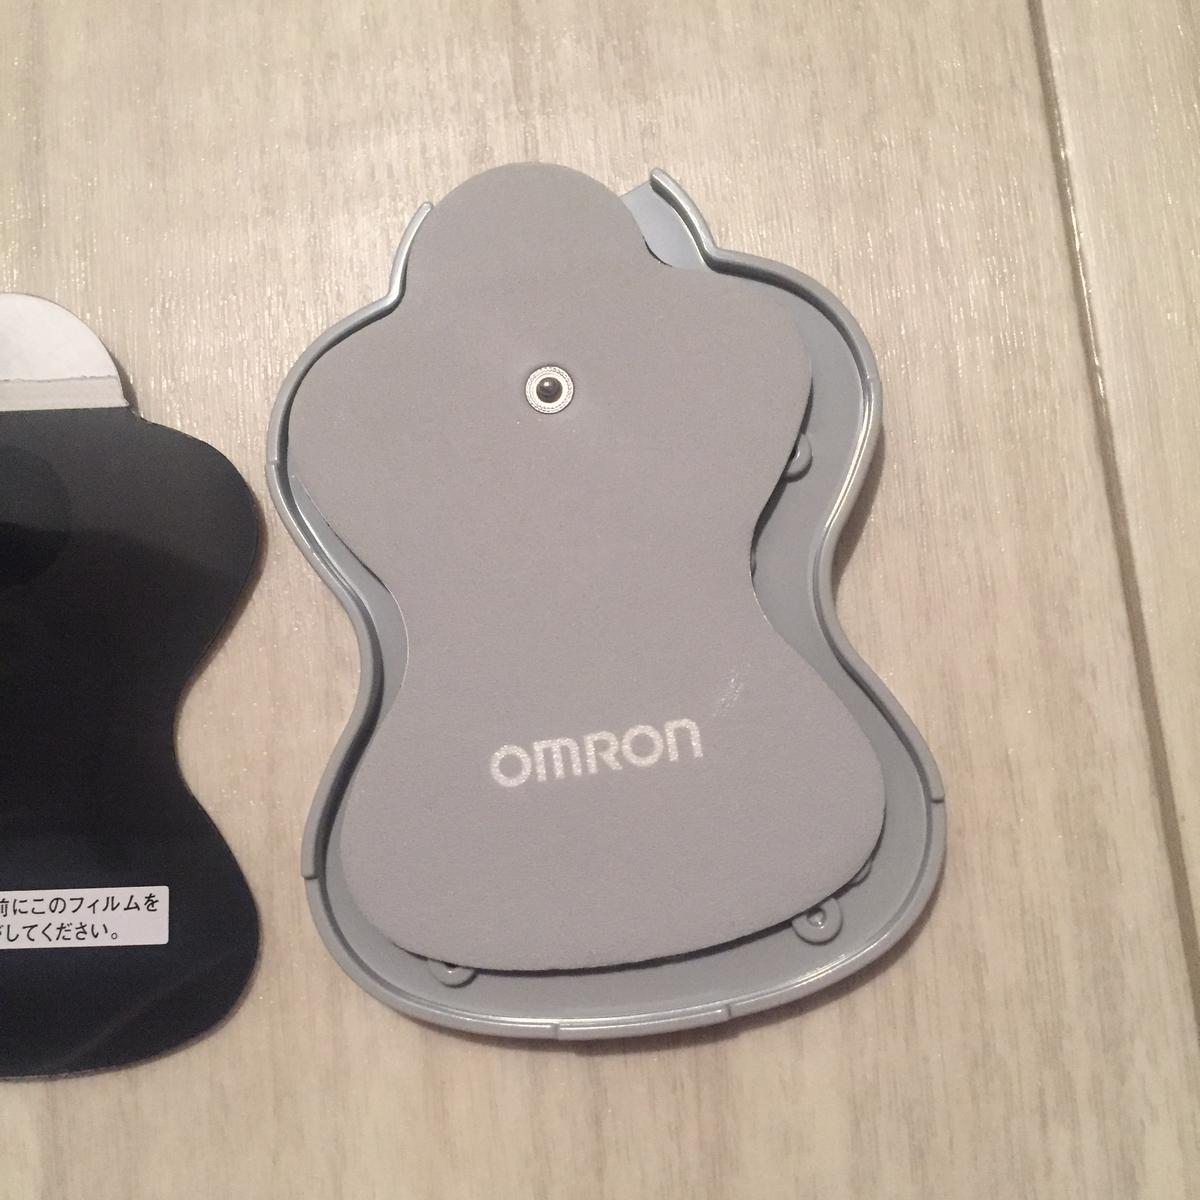 omron OMRON オムロン 低周波 低周波治療器 HV F022 V 整骨院 肩こり 腰痛 凝り 慢性 急性 病気 治療